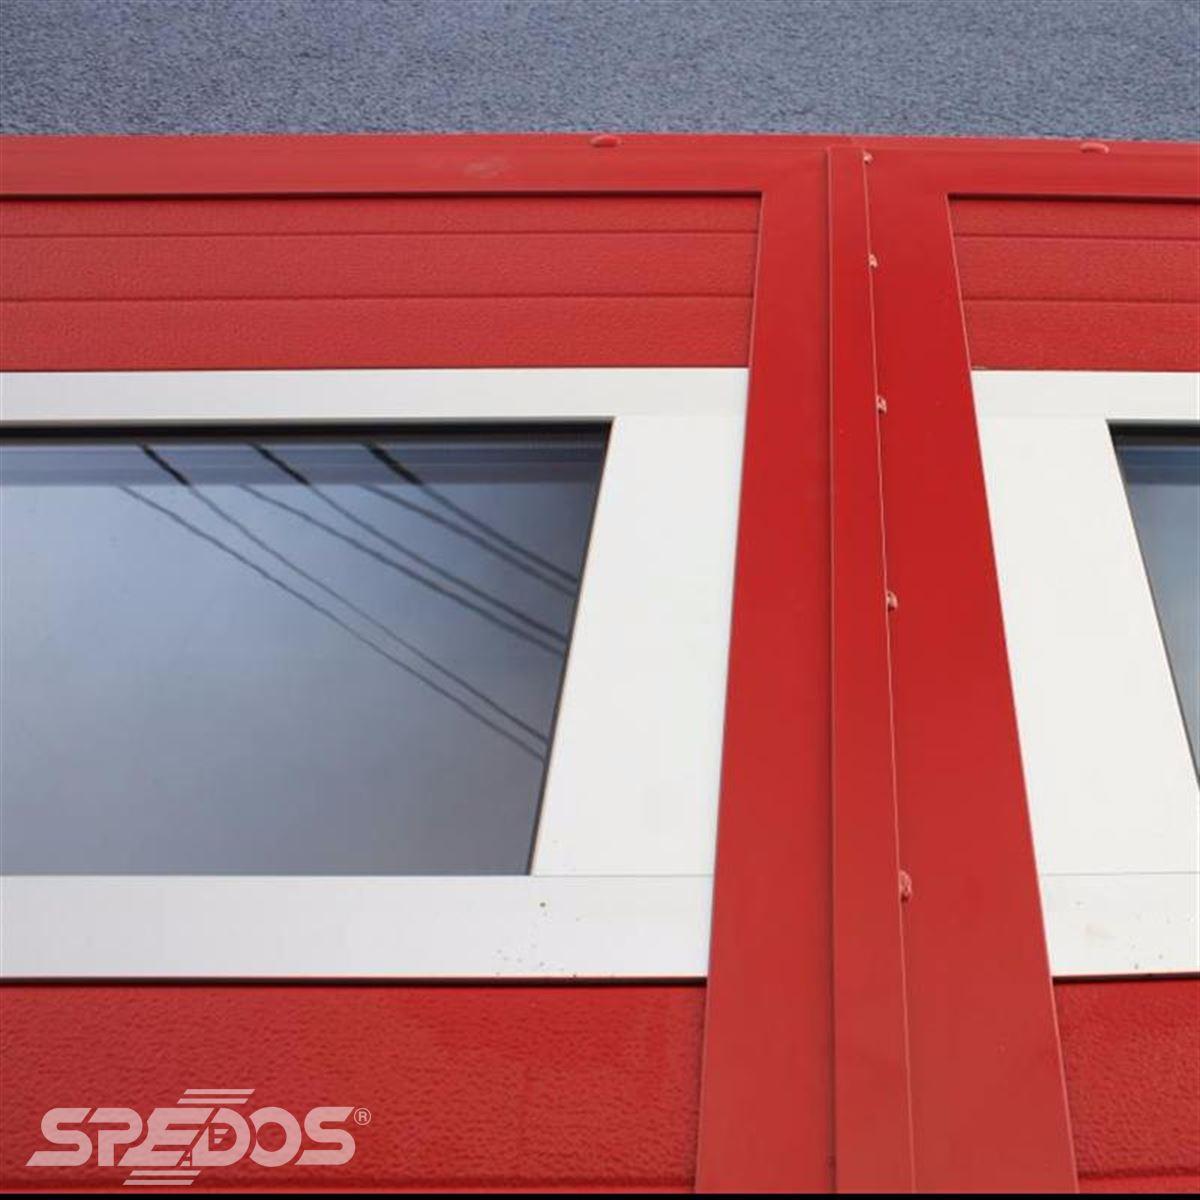 Červená vrata pro garáže hasičů